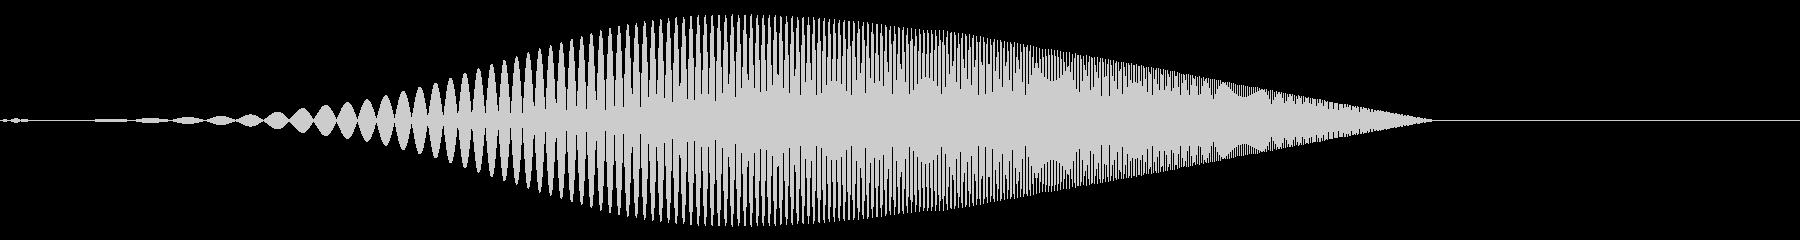 Tool プレゼン映像向け動作SE 3の未再生の波形